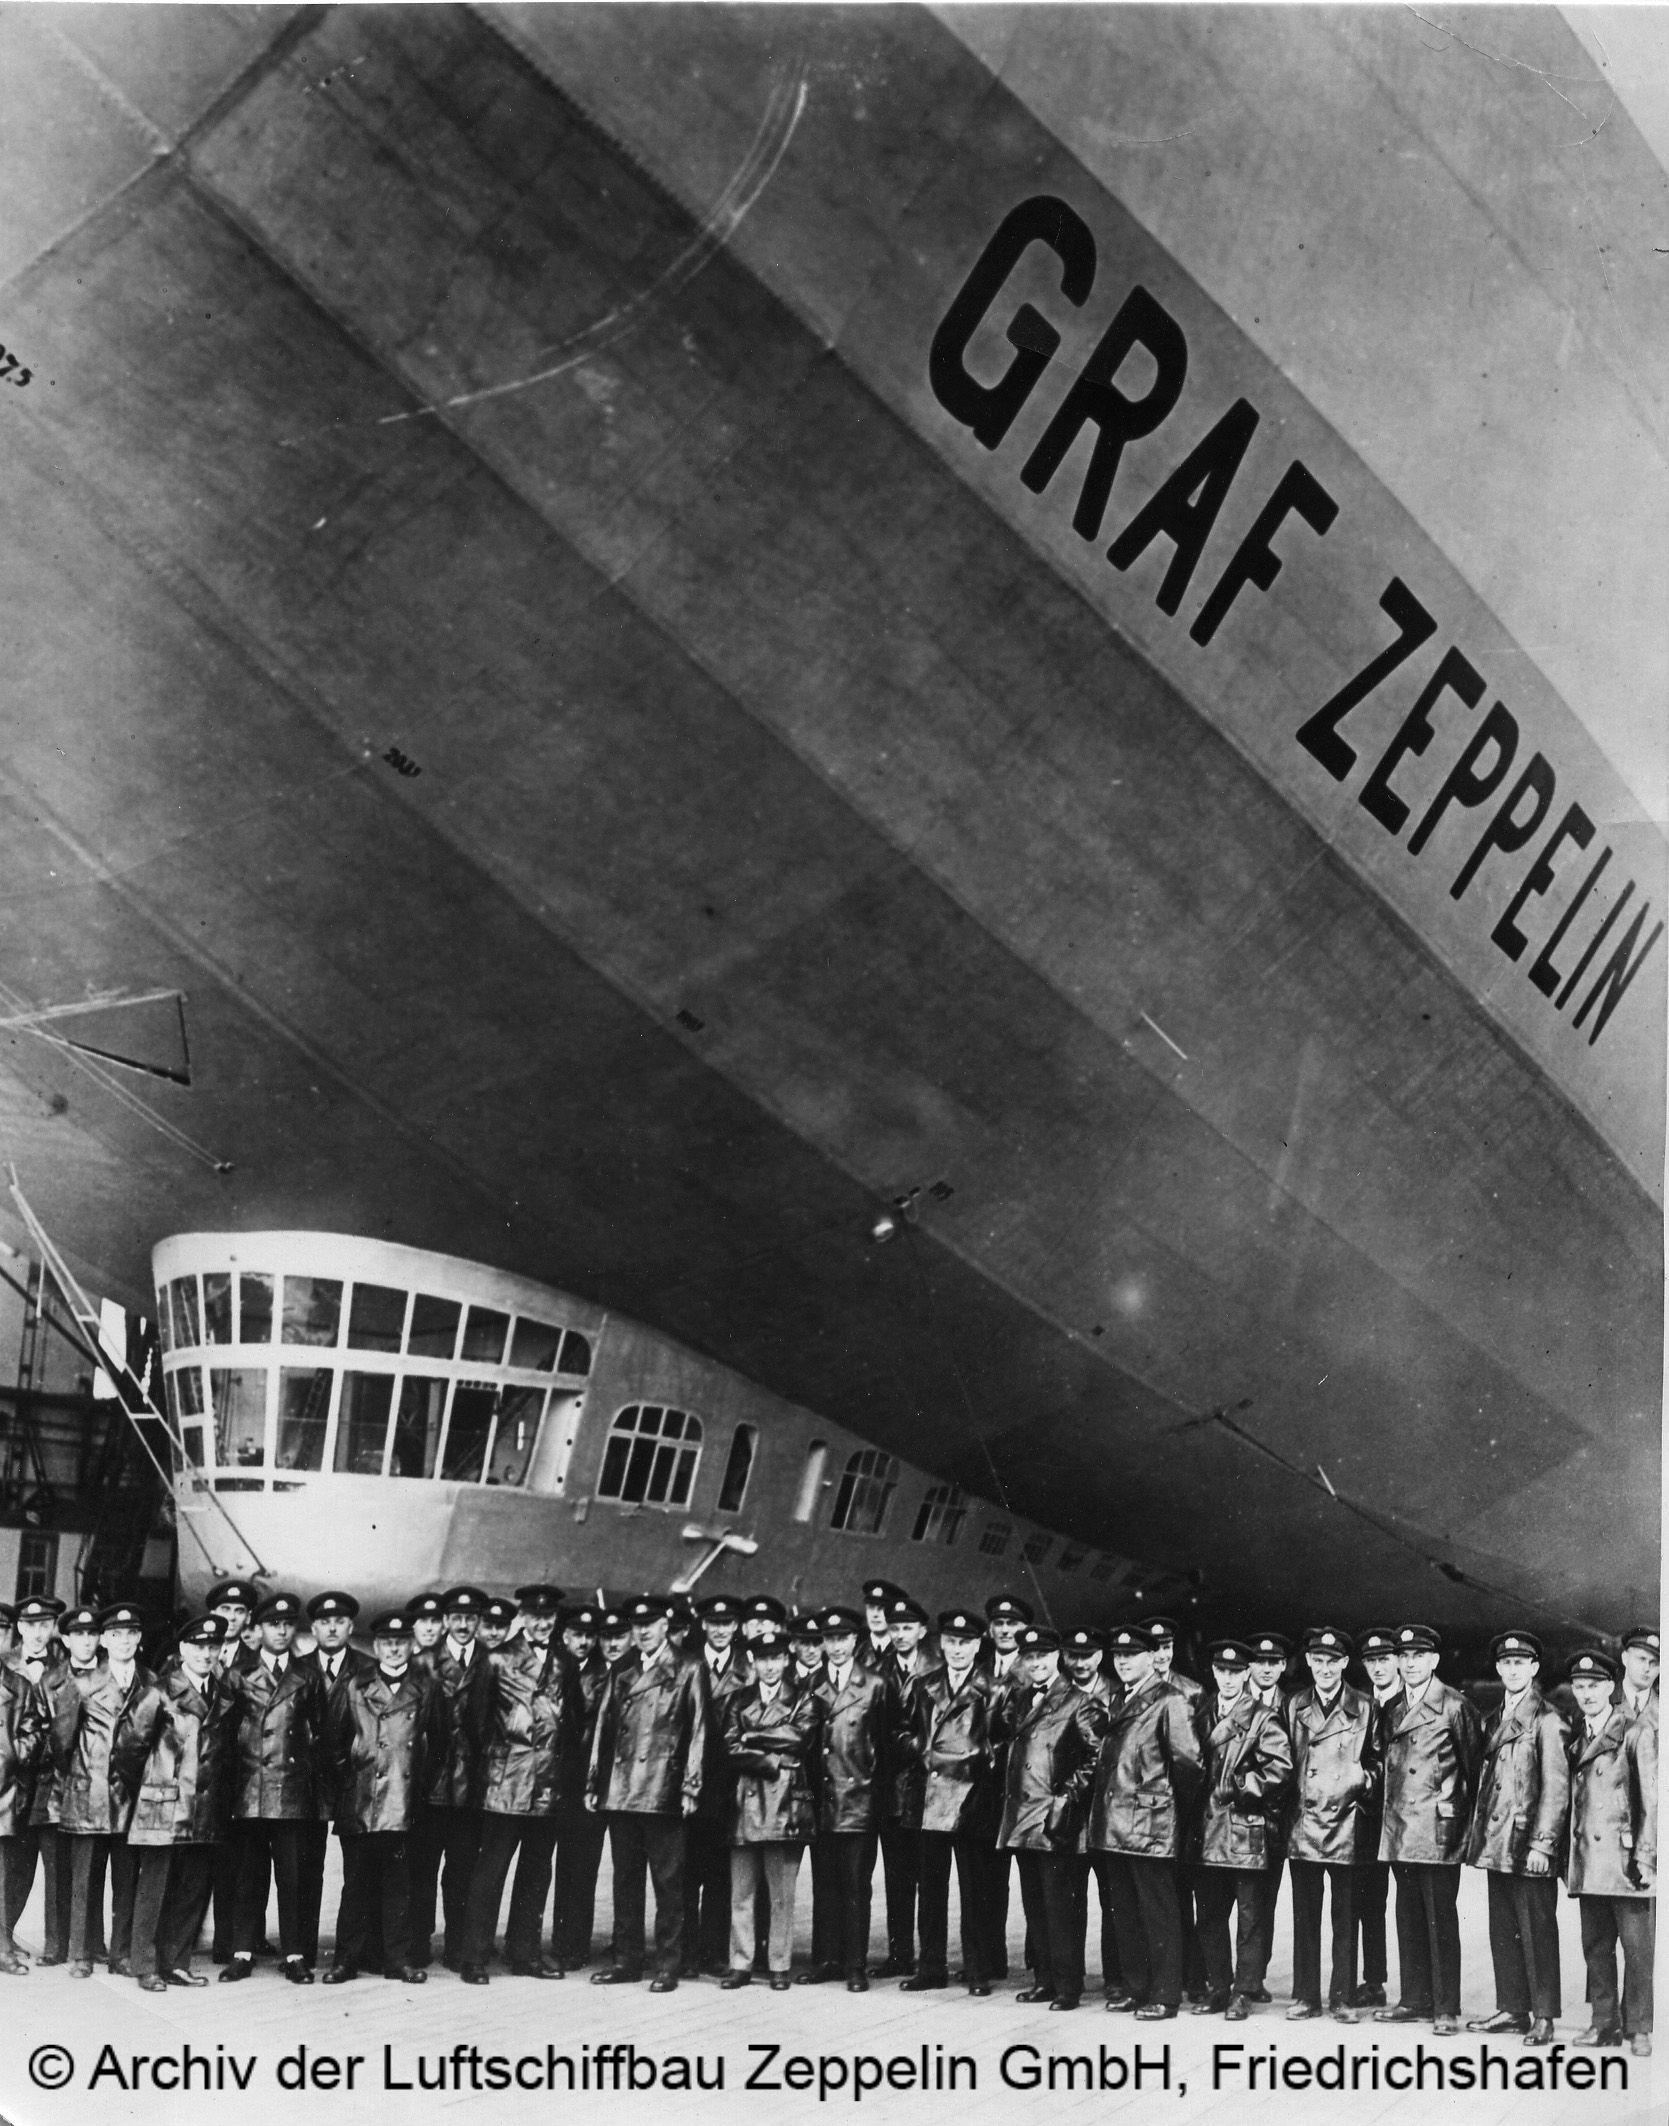 Bild der Mannschaft vor LZ 127 © Archiv der Luftschiffbau Zeppelin GmbH